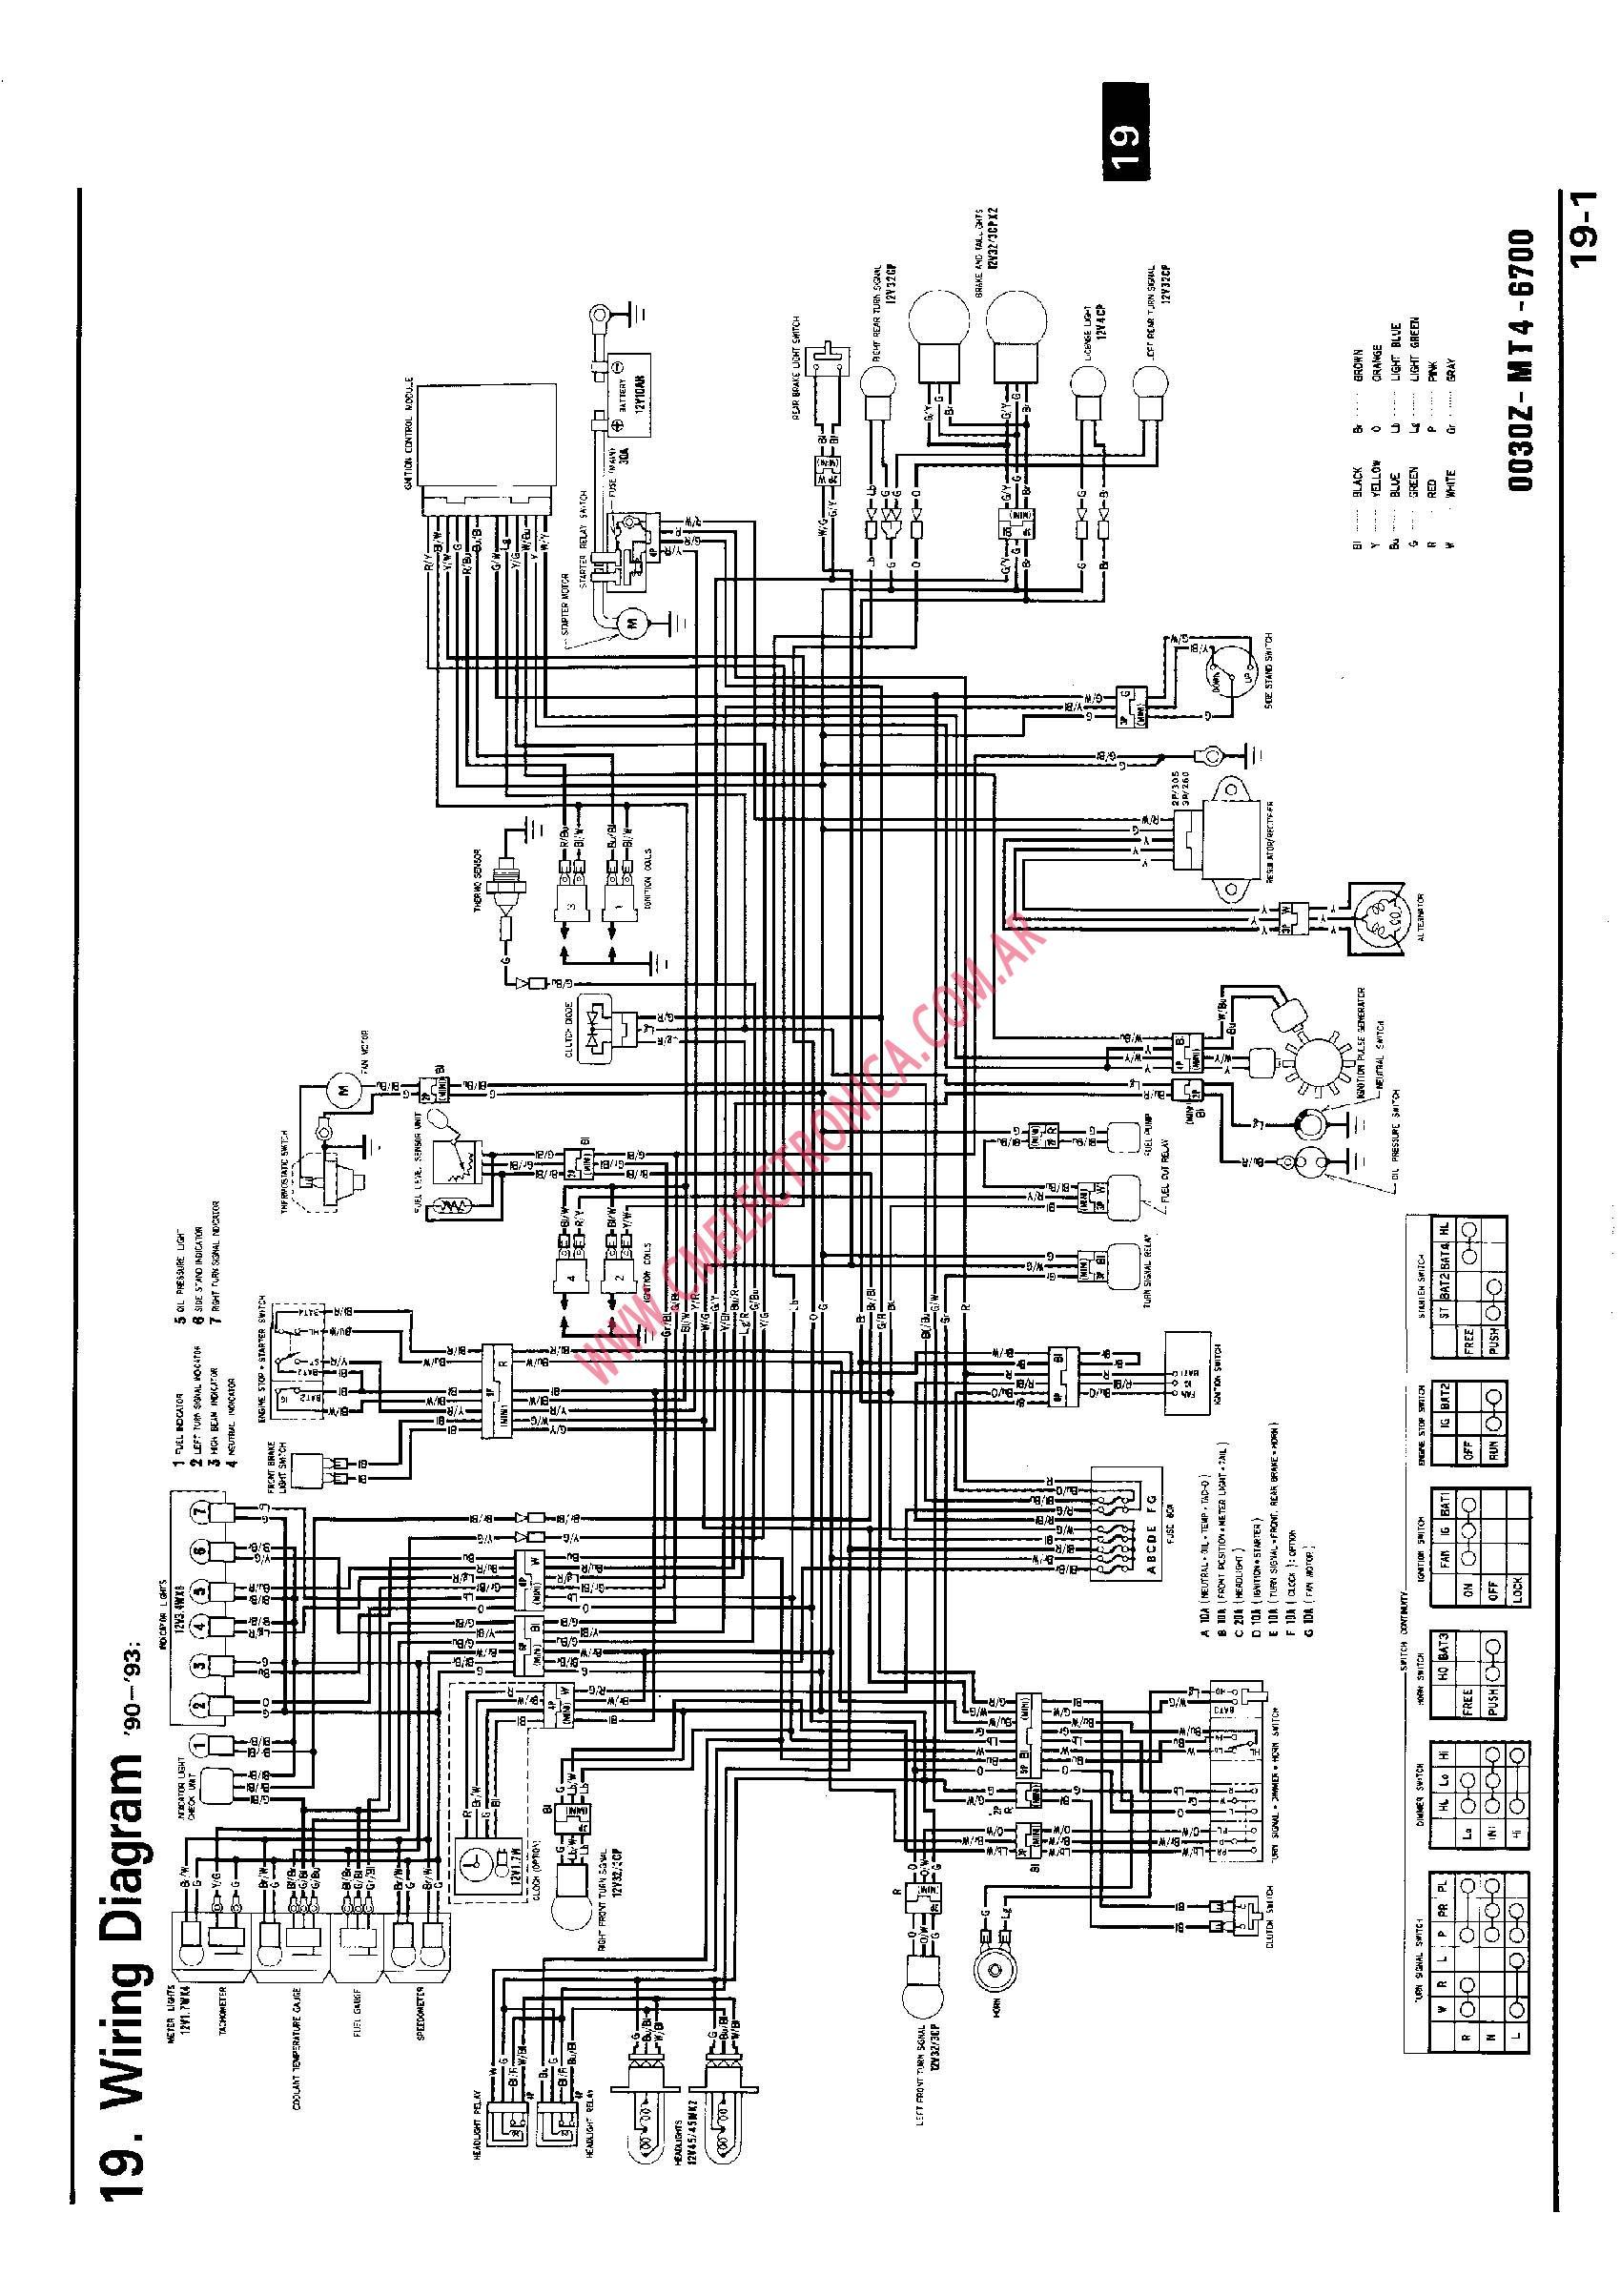 Ungewöhnlich Hei Schaltplan Zeitgenössisch - Elektrische Schaltplan ...